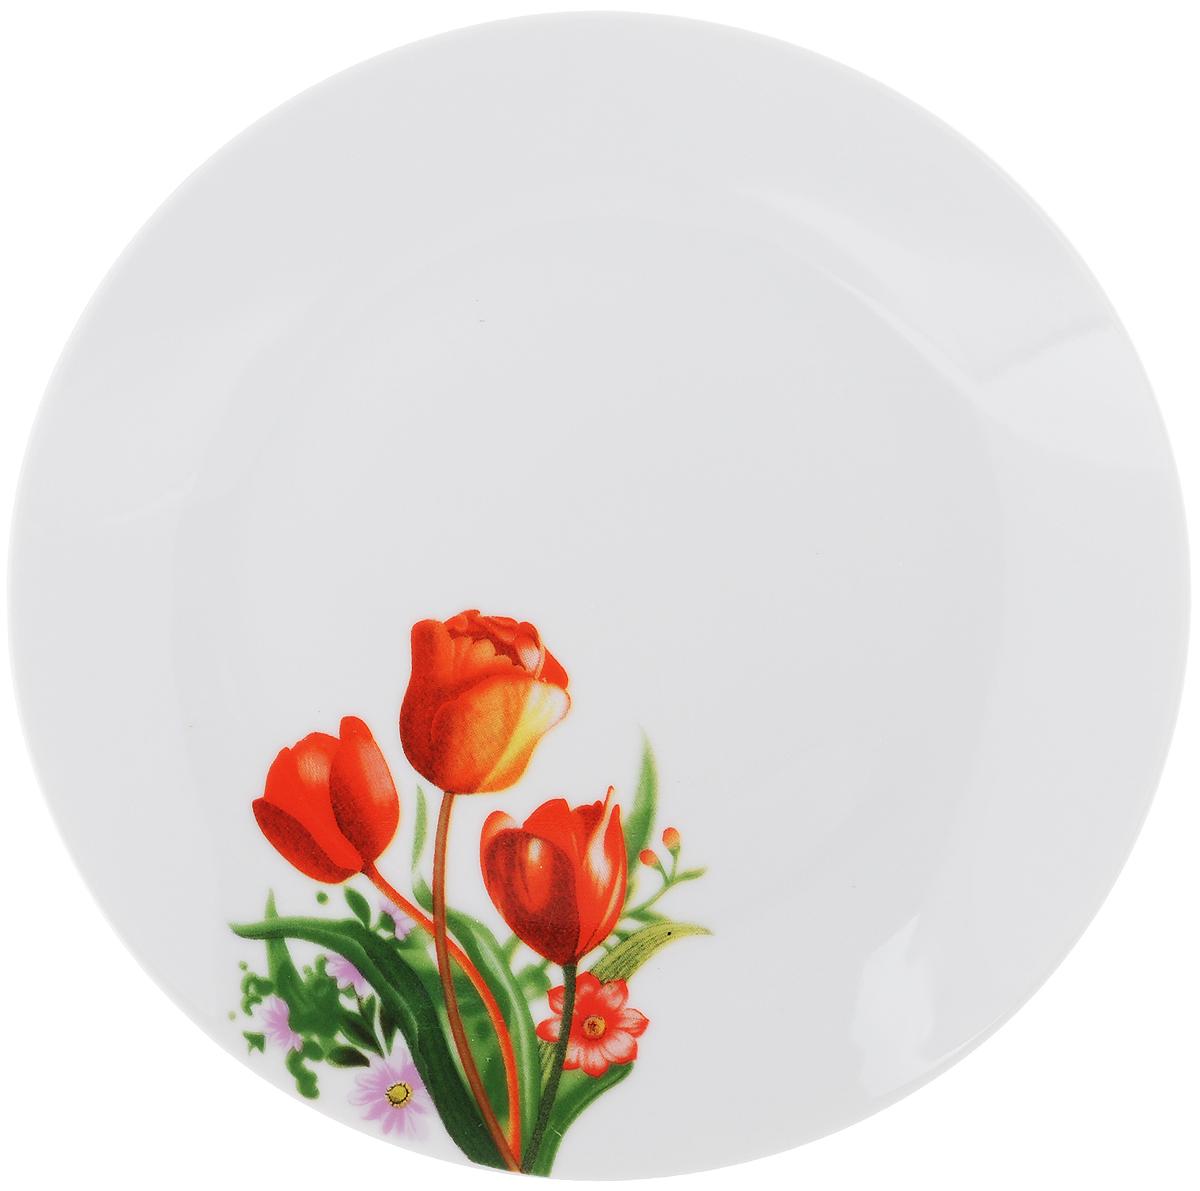 Тарелка десертная Тюльпаны, диаметр 20 см836468Десертная тарелка Доляна Тюльпаны изготовлена из высококачественной керамики и имеет изысканный внешний вид. Такая тарелка прекрасно подходит как для торжественных случаев, так и для повседневного использования. Идеальна для подачи десертов, пирожных, тортов и многого другого. Она прекрасно оформит стол и станет отличным дополнением к вашей коллекции кухонной посуды. Диаметр тарелки (по верхнему краю): 20 см.Высота тарелки: 2 см.